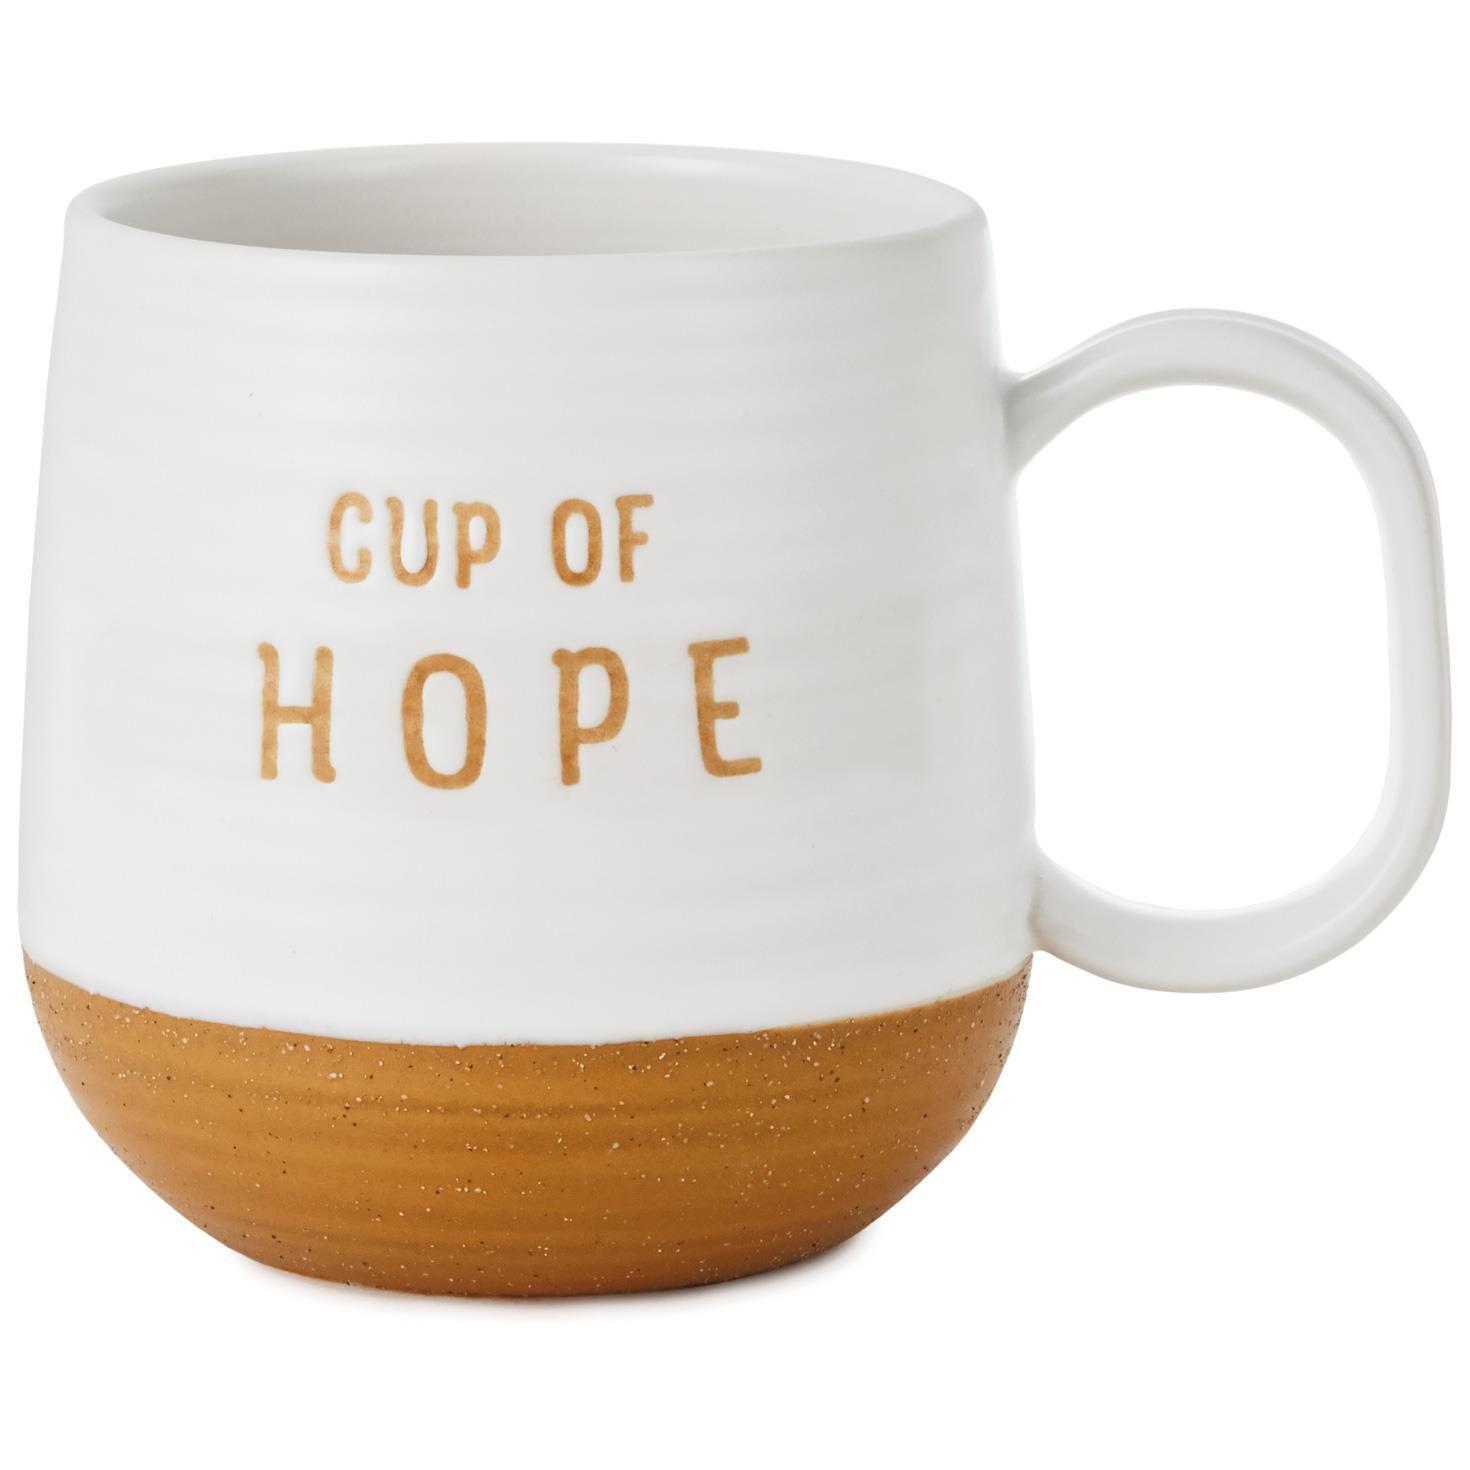 cup of hope stoneware mug 16 oz mugs teacups hallmark